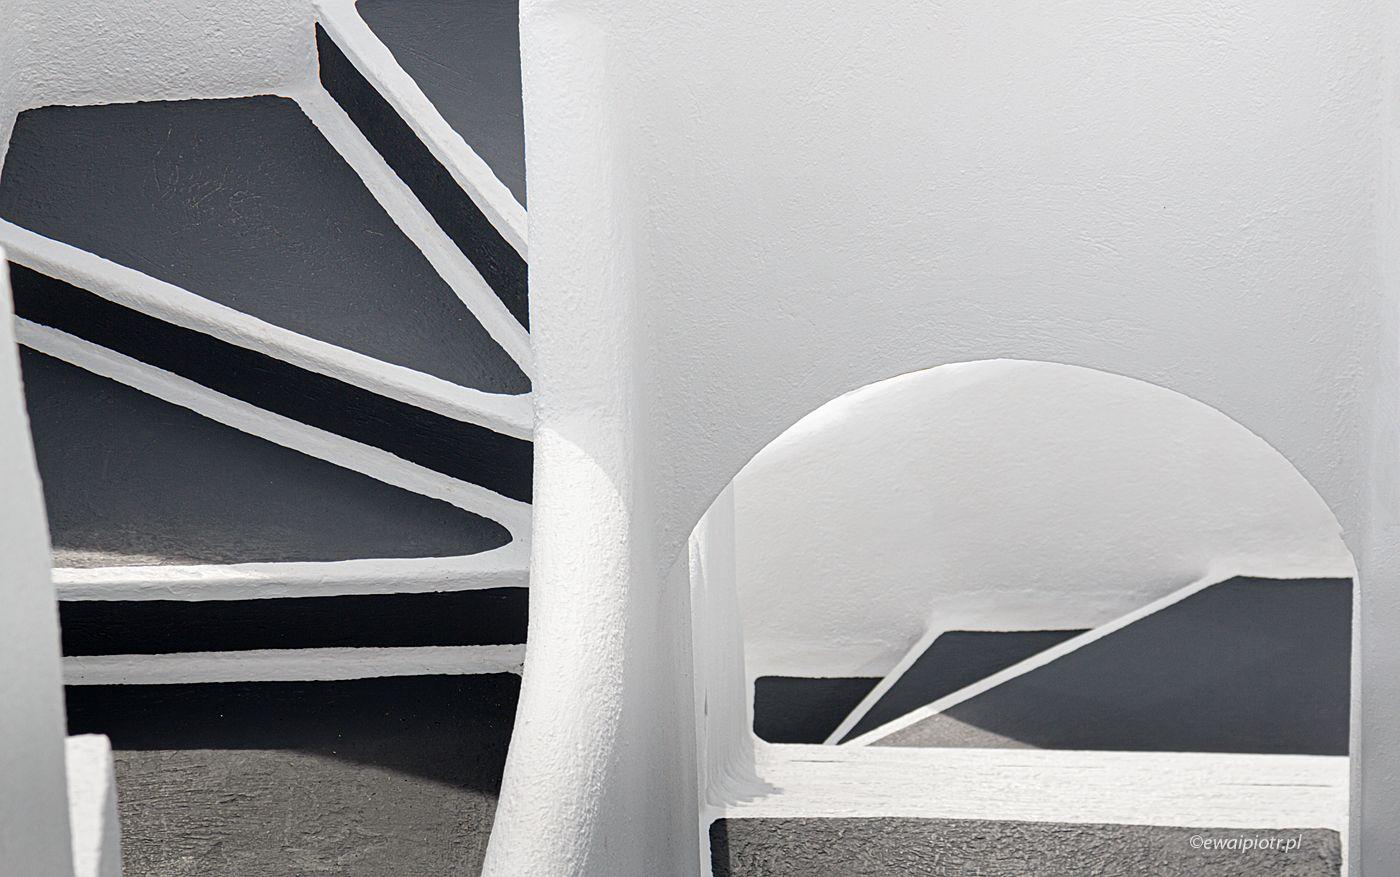 Schody na Santorini, wersja czarno-biała